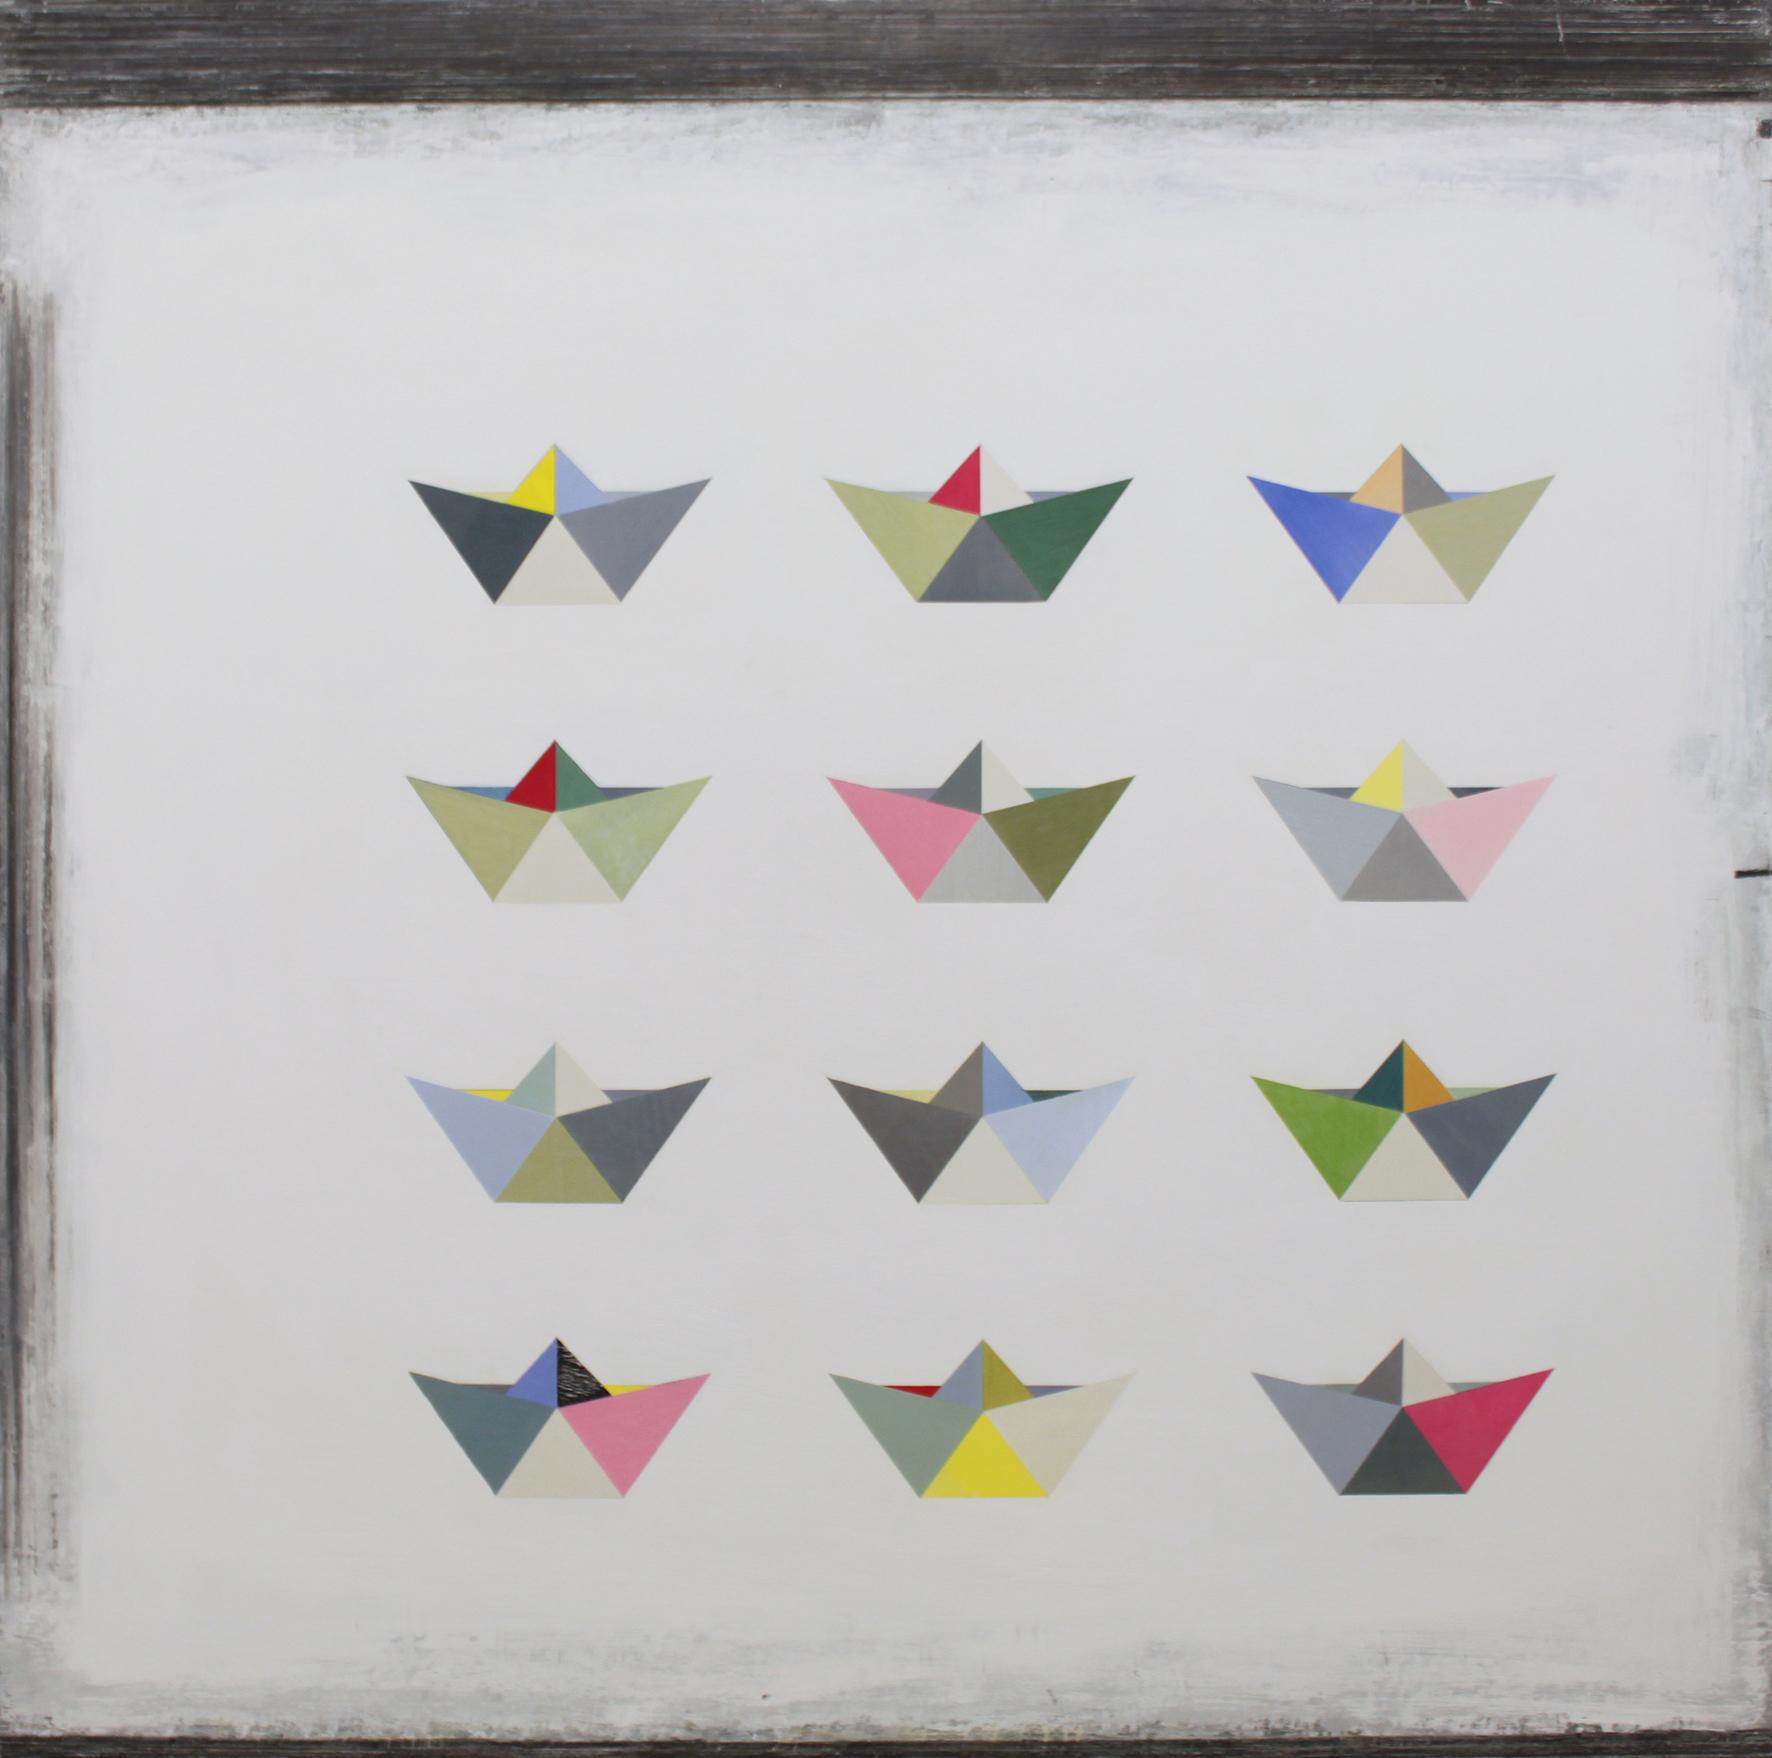 12 Origami boats 100x100cm oil gouache & graphite on canvas